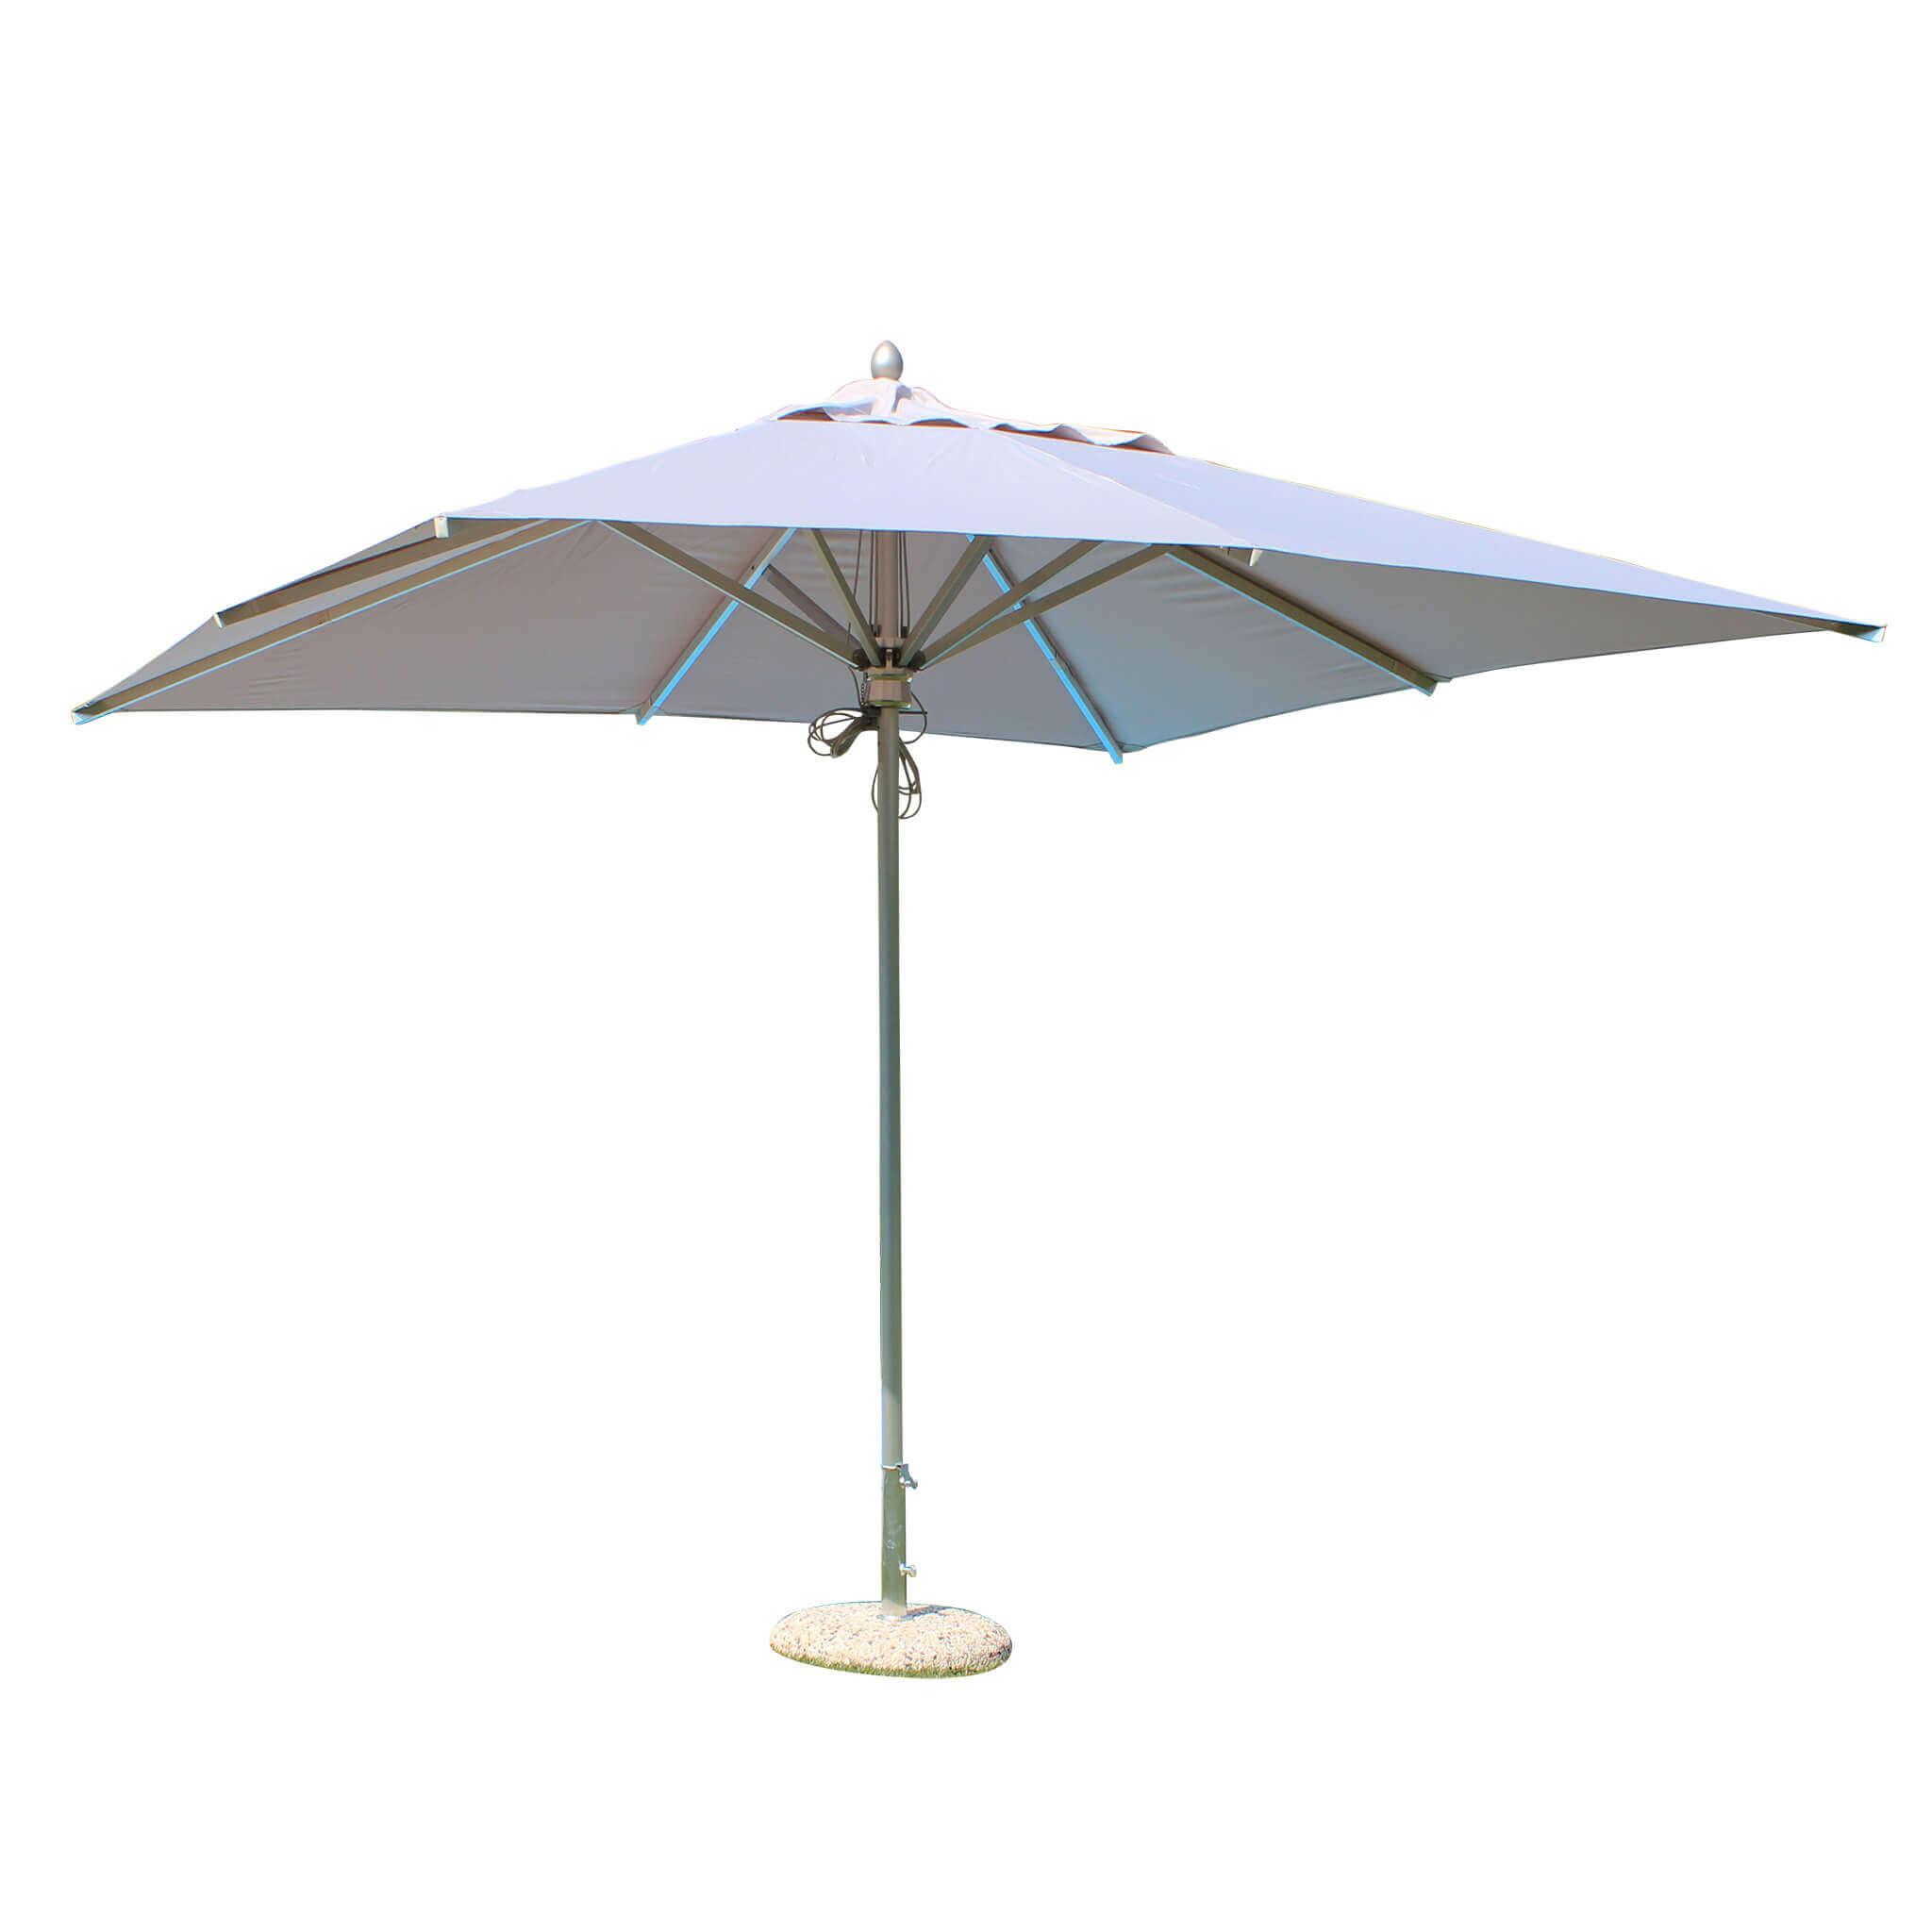 Milani Home ABACUS - ombrellone da giardino 3 x 3 palo centrale in alluminio